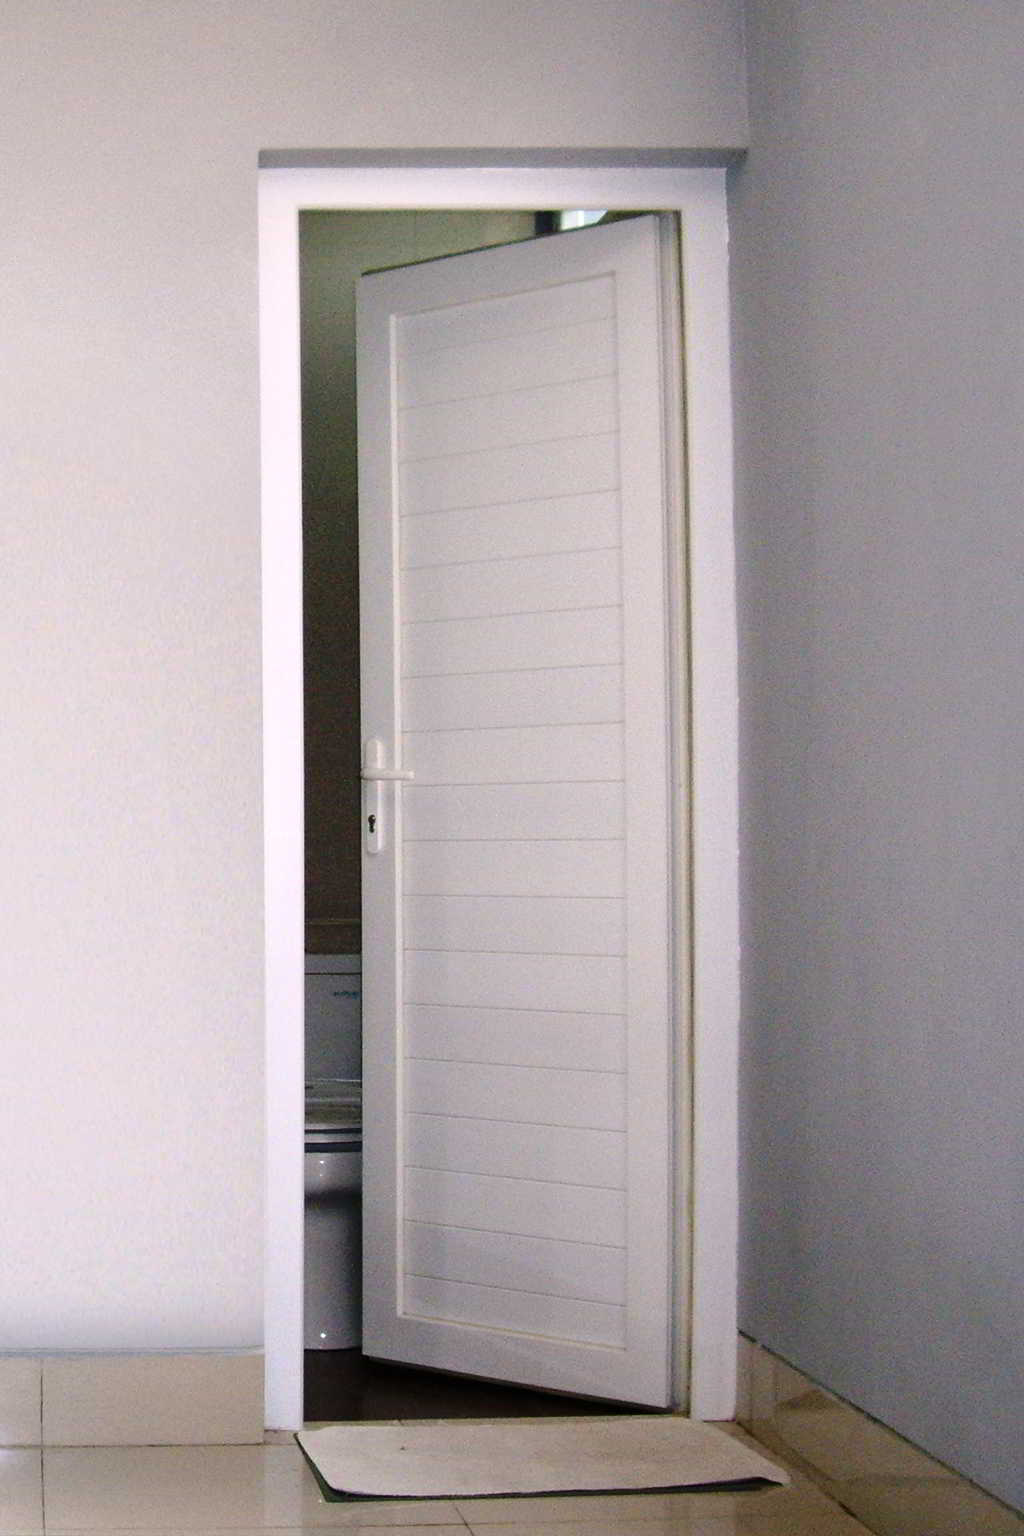 Desain Pintu Kamar Mandi Sederhana Elegan